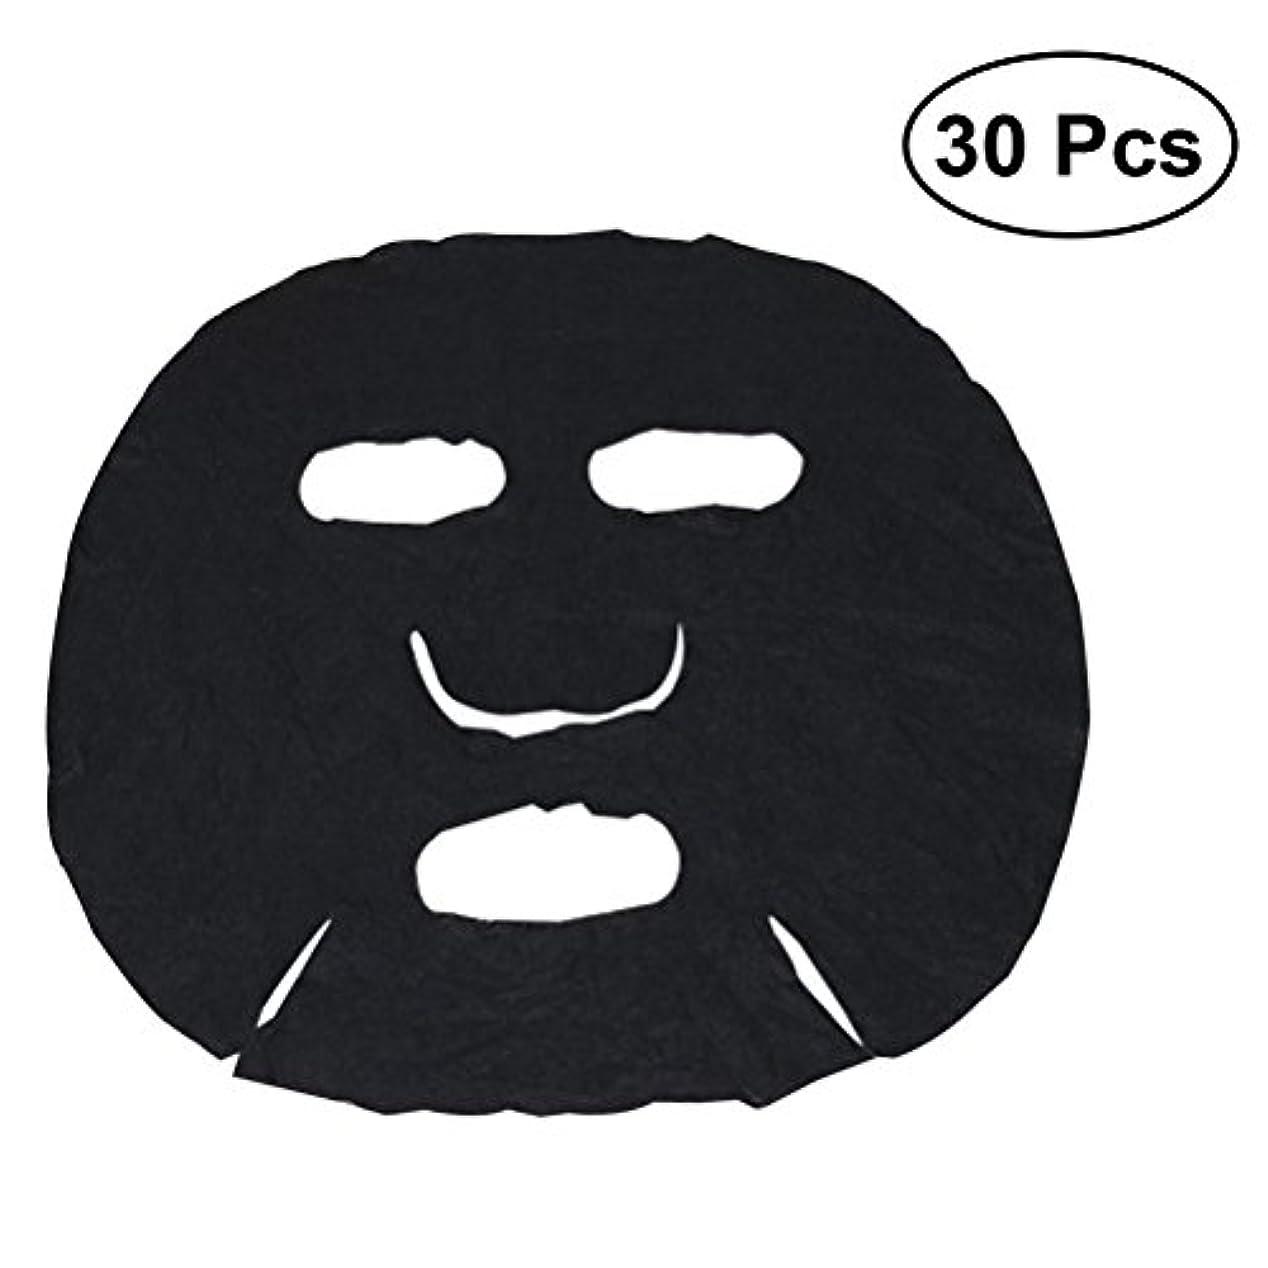 主流入学する効果Frcolor 圧縮マスク 圧縮フェイスパック 竹炭 圧縮マスクシート スキンケア DIY 30枚入り 携帯便利 使い捨て